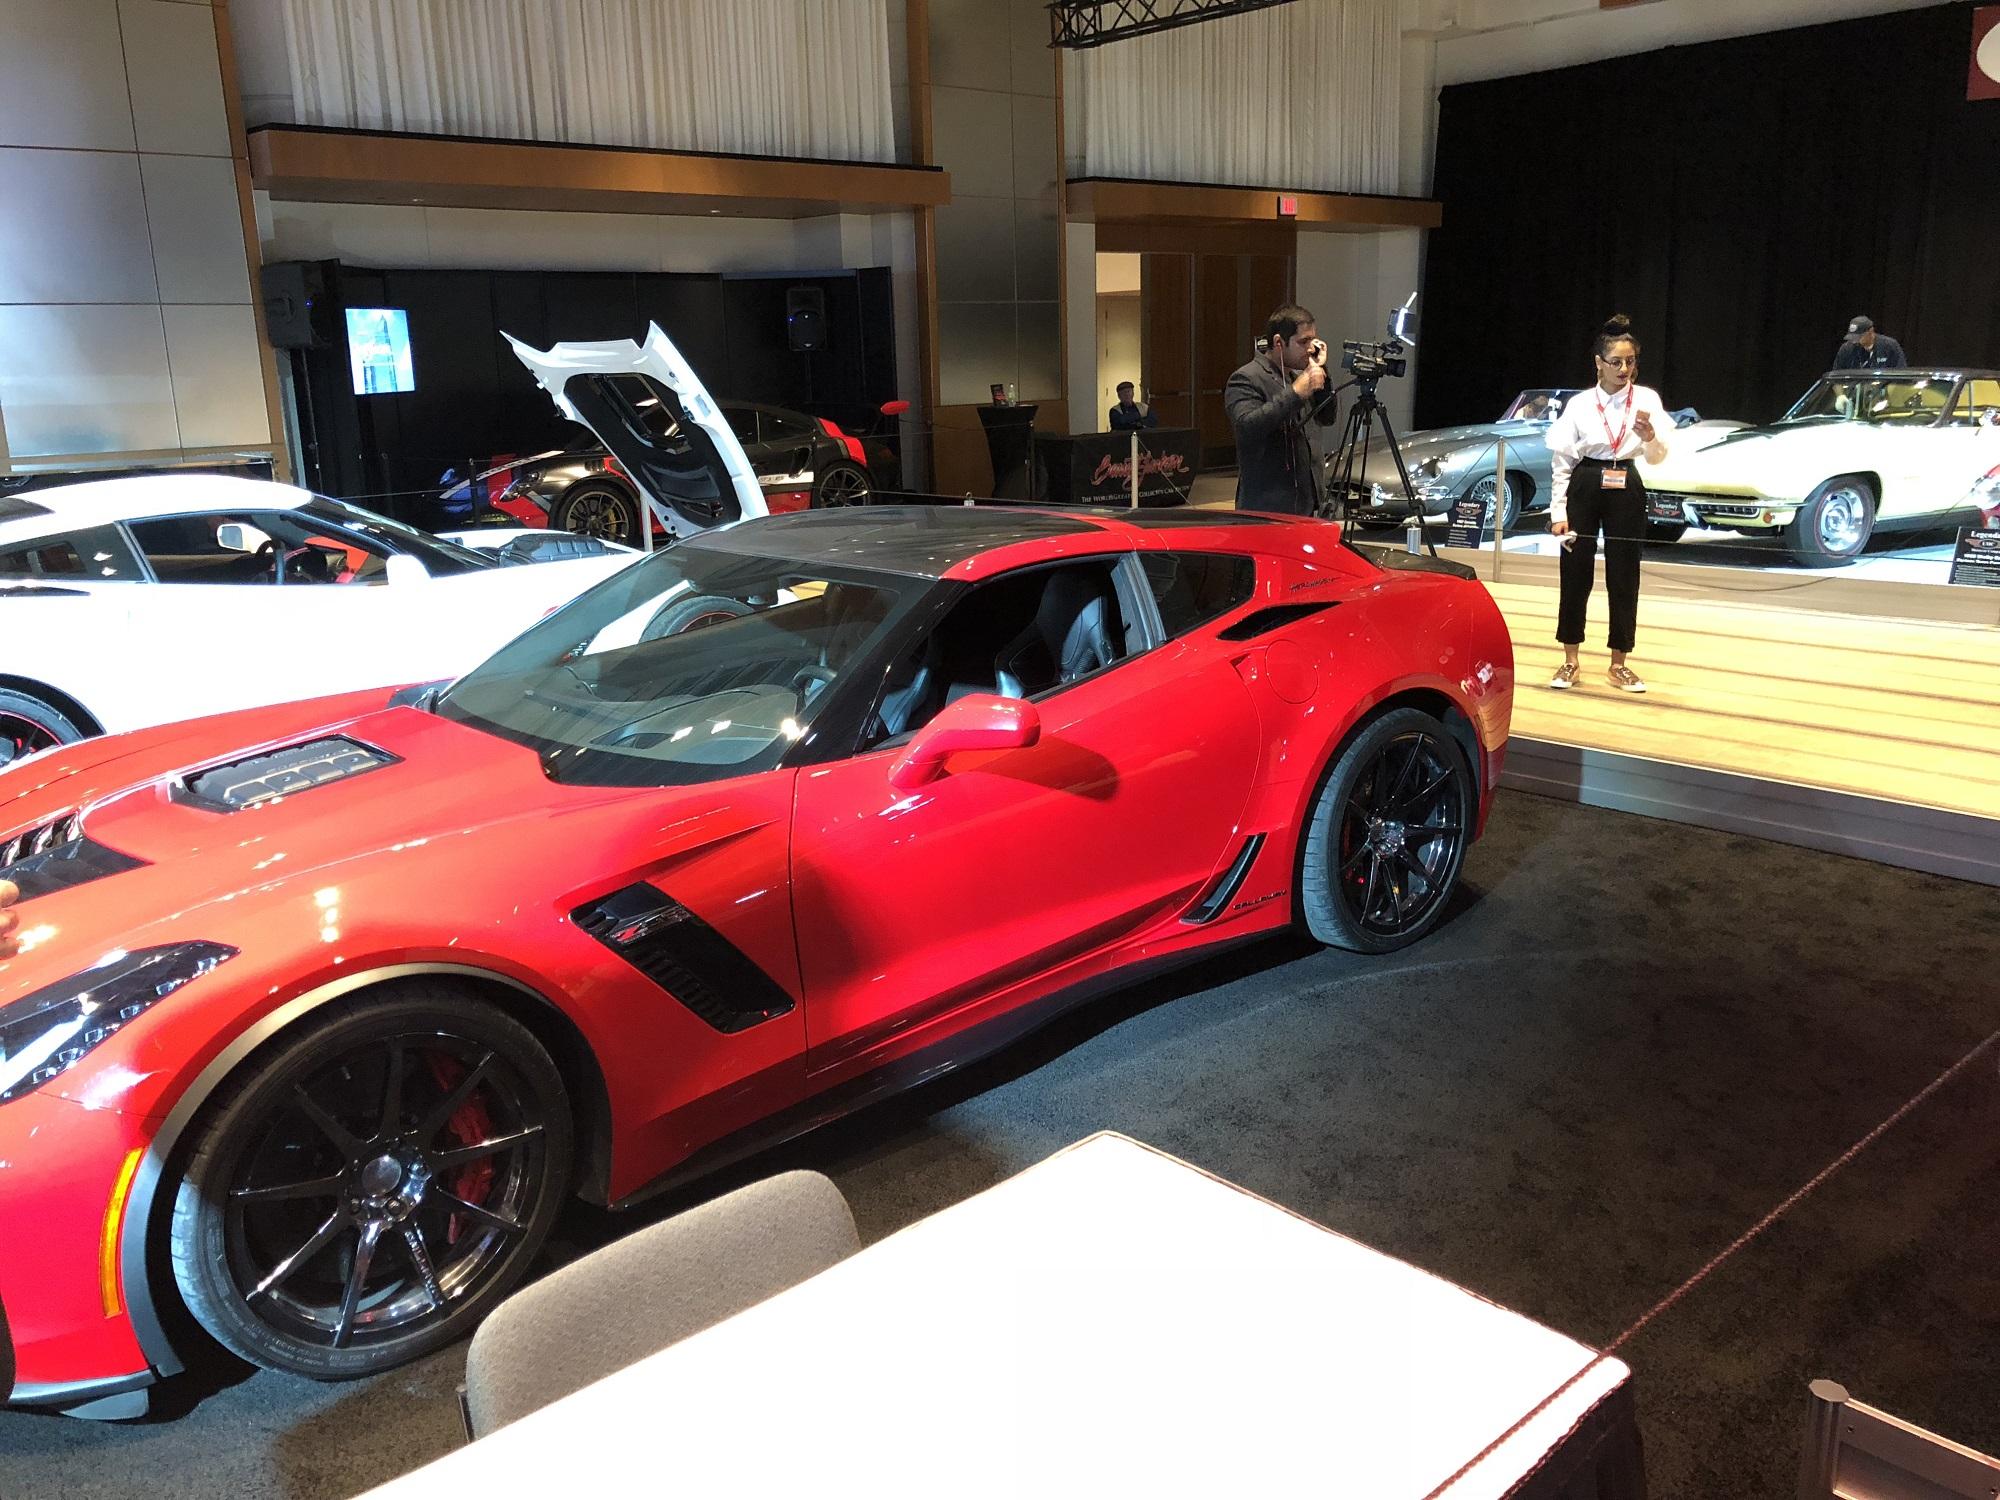 Corvetteforum.com C7 Corvette Callaway Aerowagen Gallery